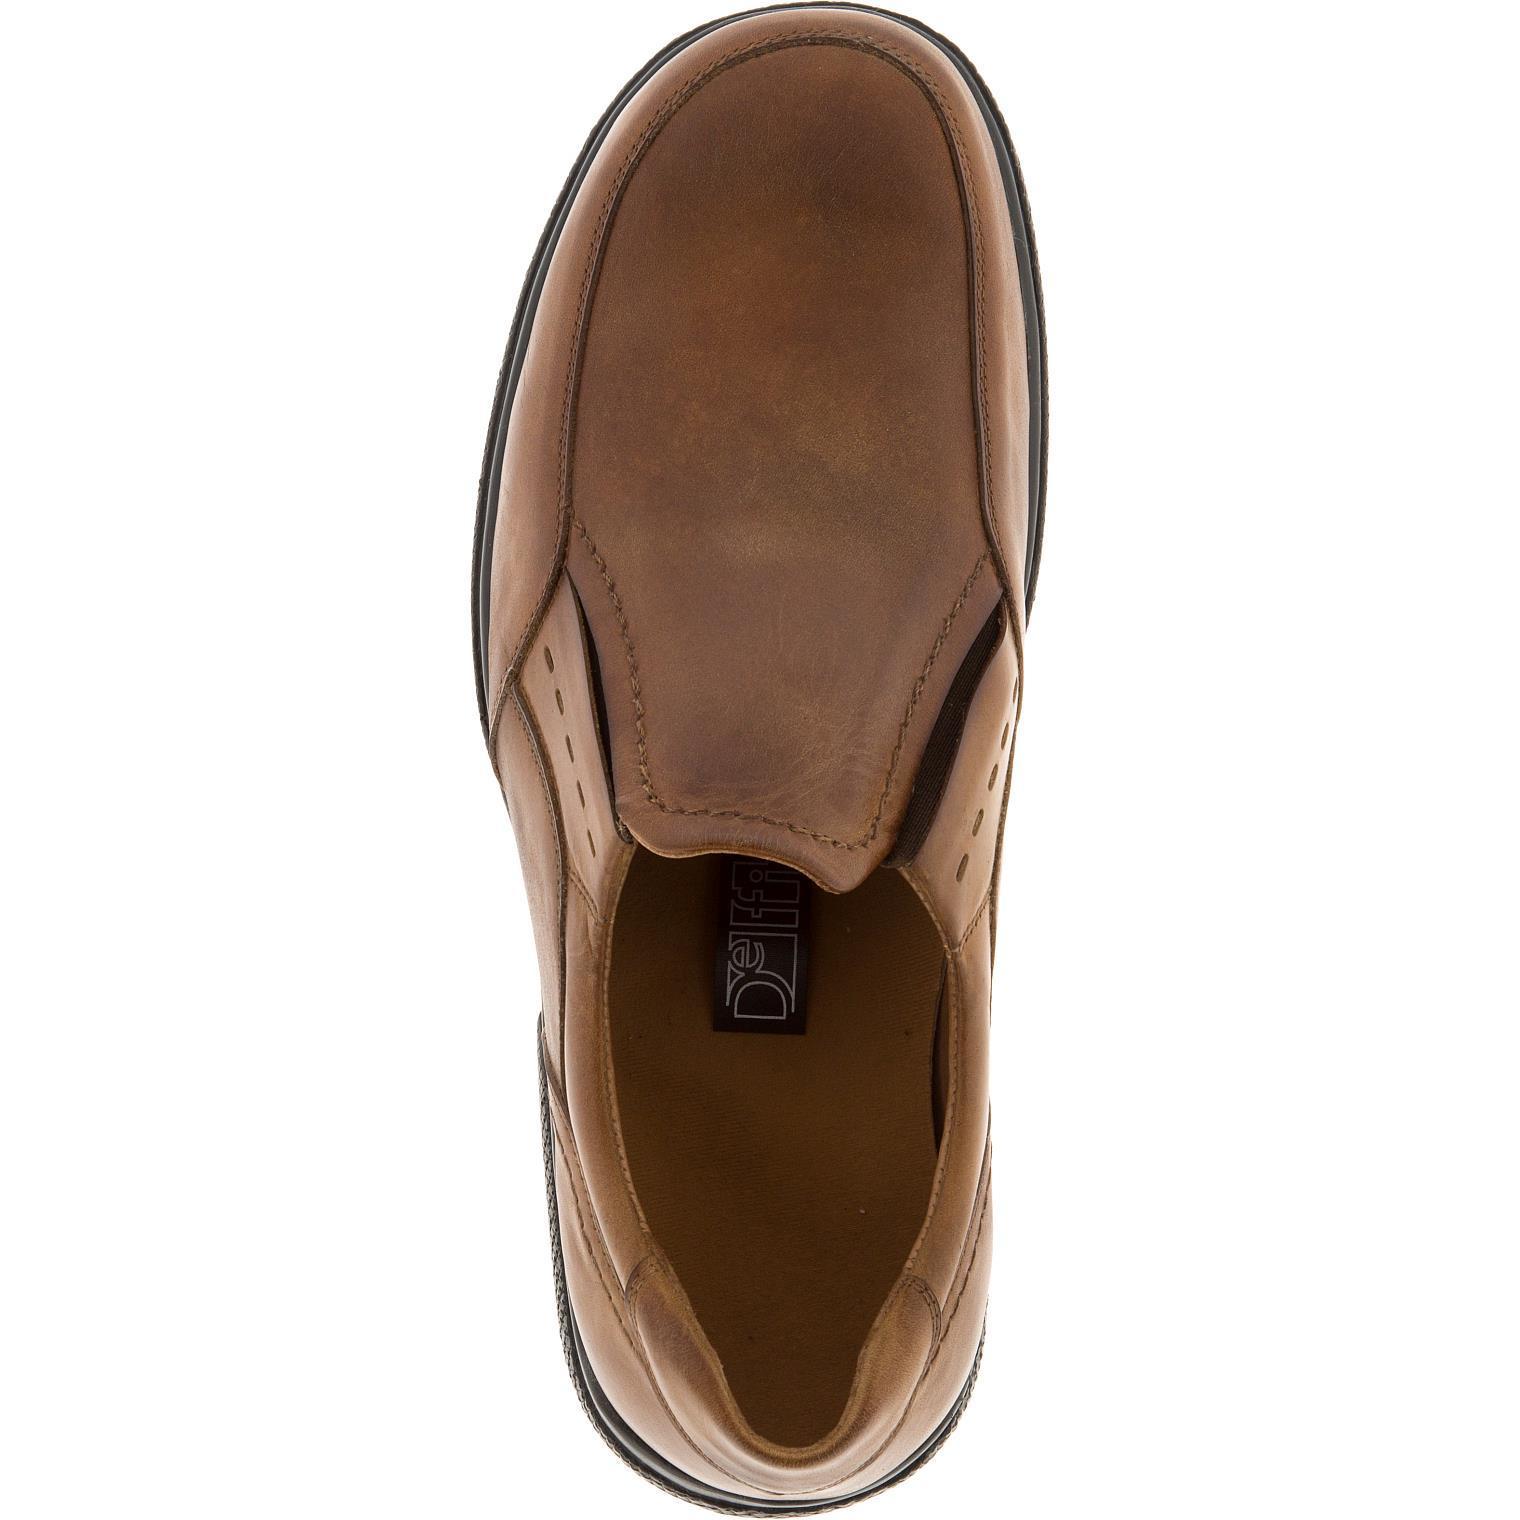 582367 полуботинки мужские коричневые (коньяк) больших размеров марки Делфино